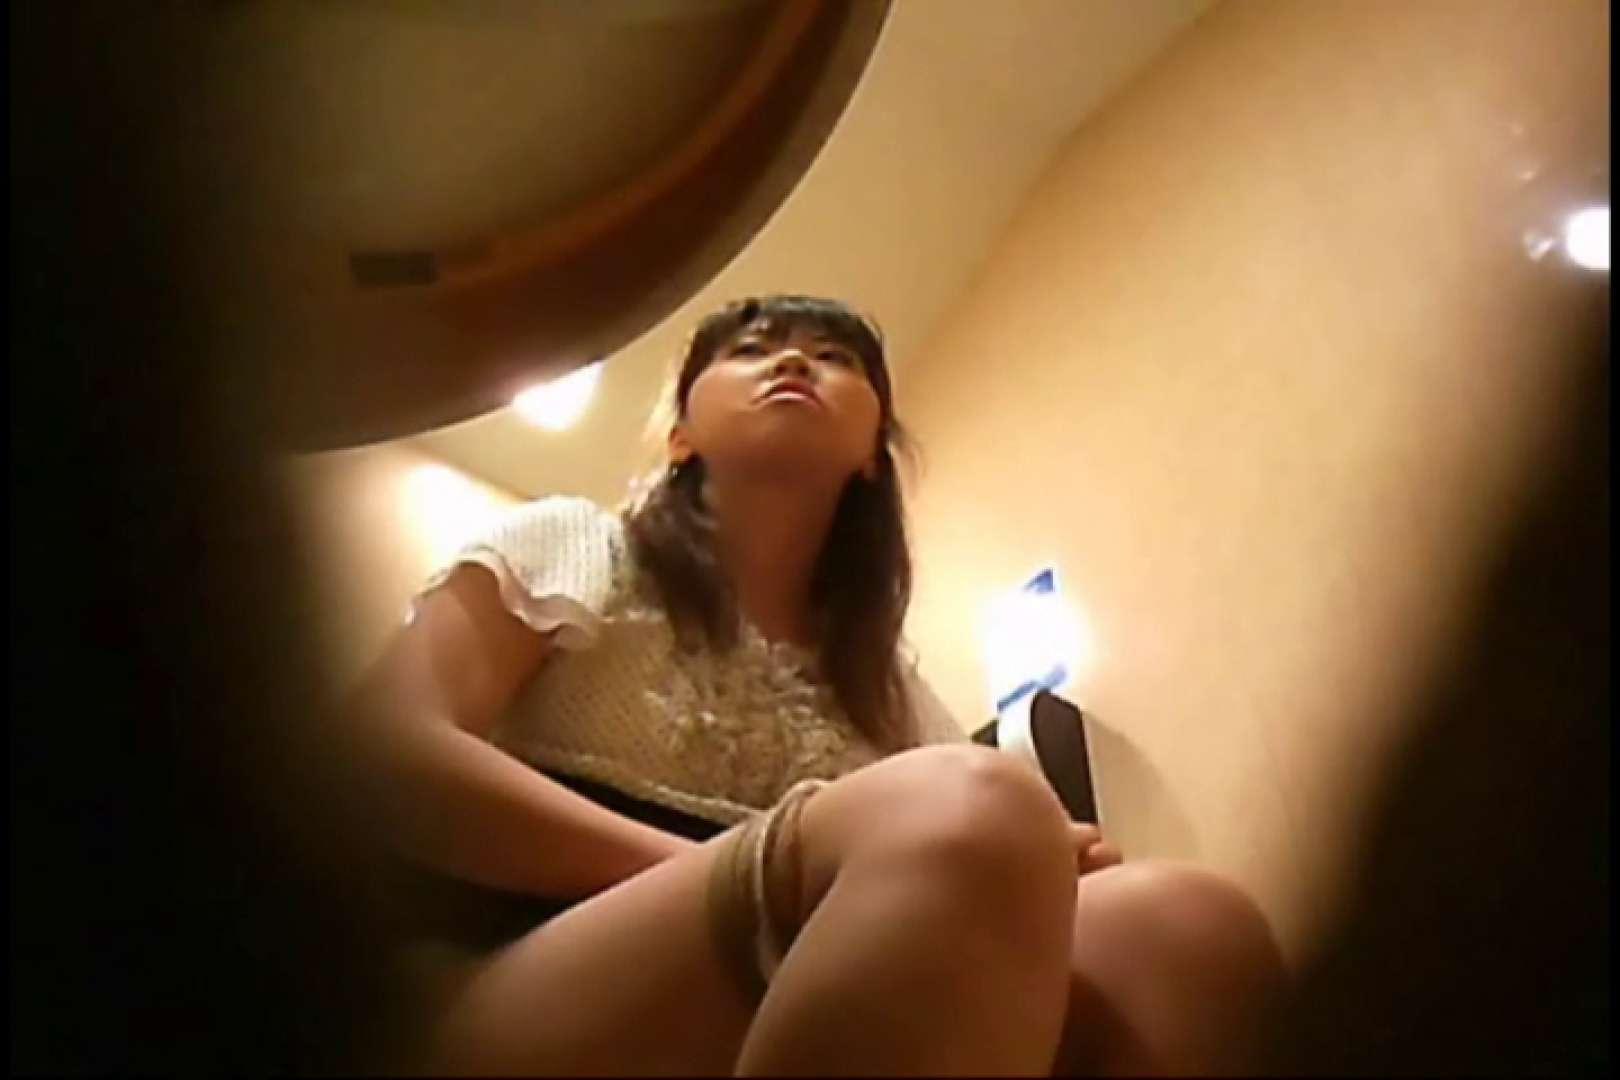 潜入!!女子化粧室盗撮~絶対見られたくない時間~vo,32 潜入突撃 AV無料動画キャプチャ 107pic 2